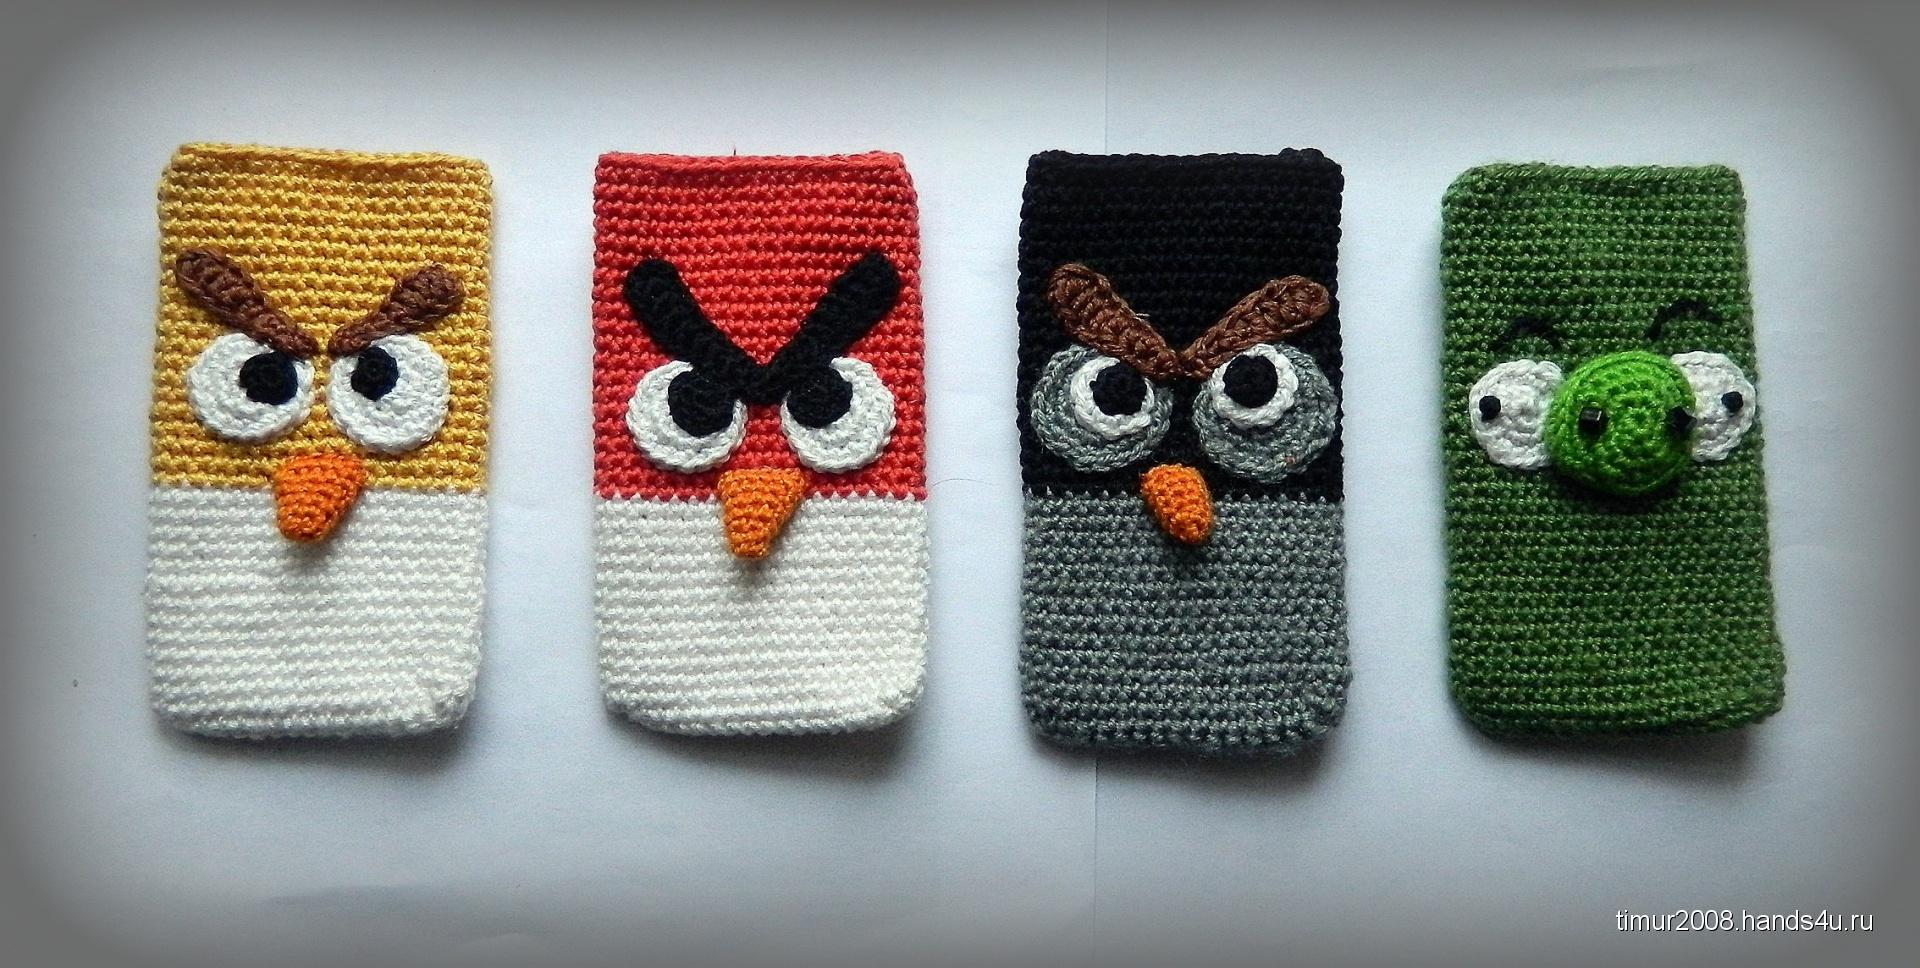 чехлы для телефона Id 6990 вязаные чехлы сумочки для телефонов